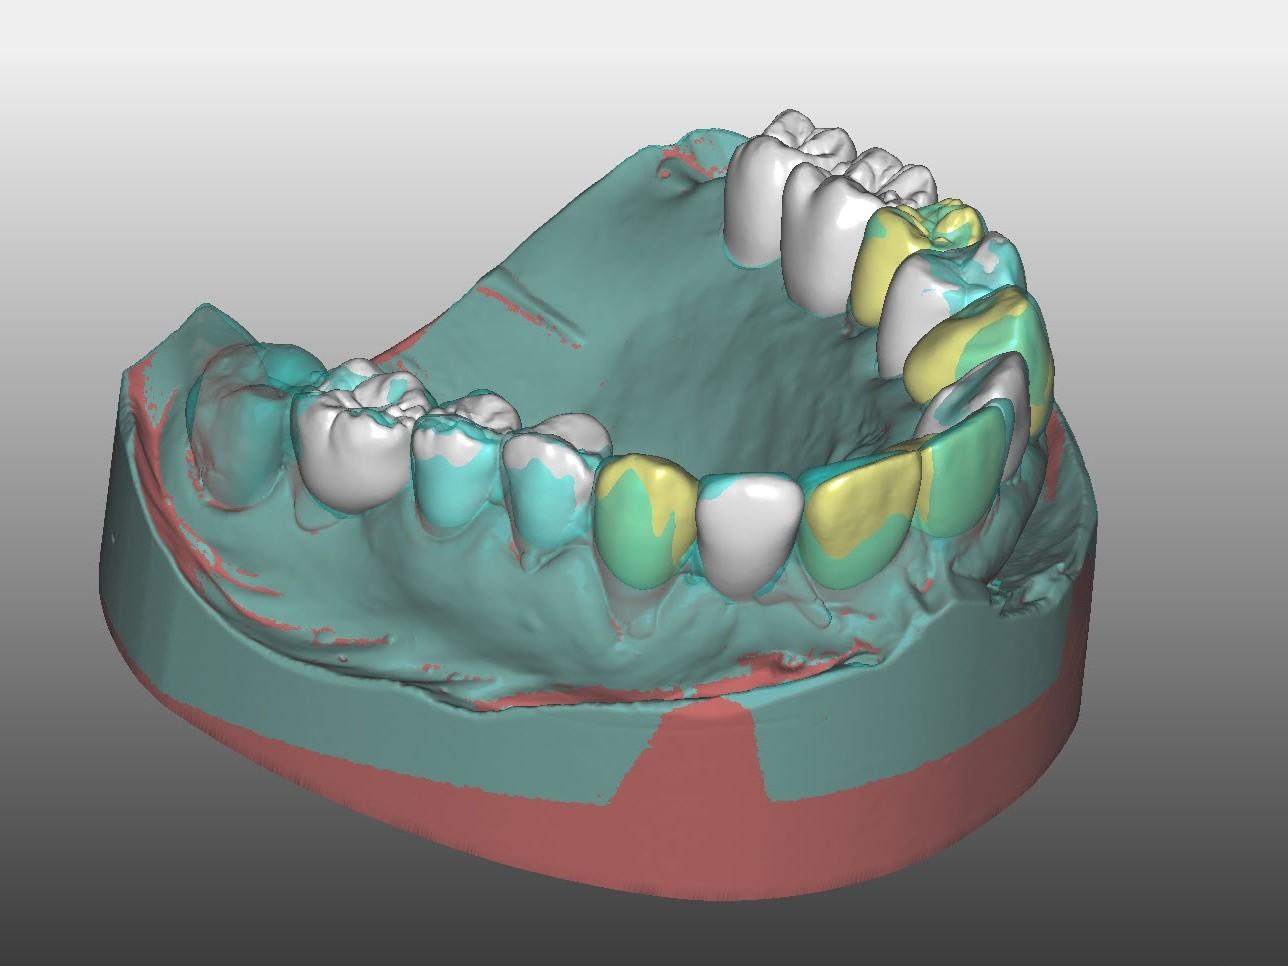 Abb. 7: Virtueller Zahnersatz und gematchte Situation